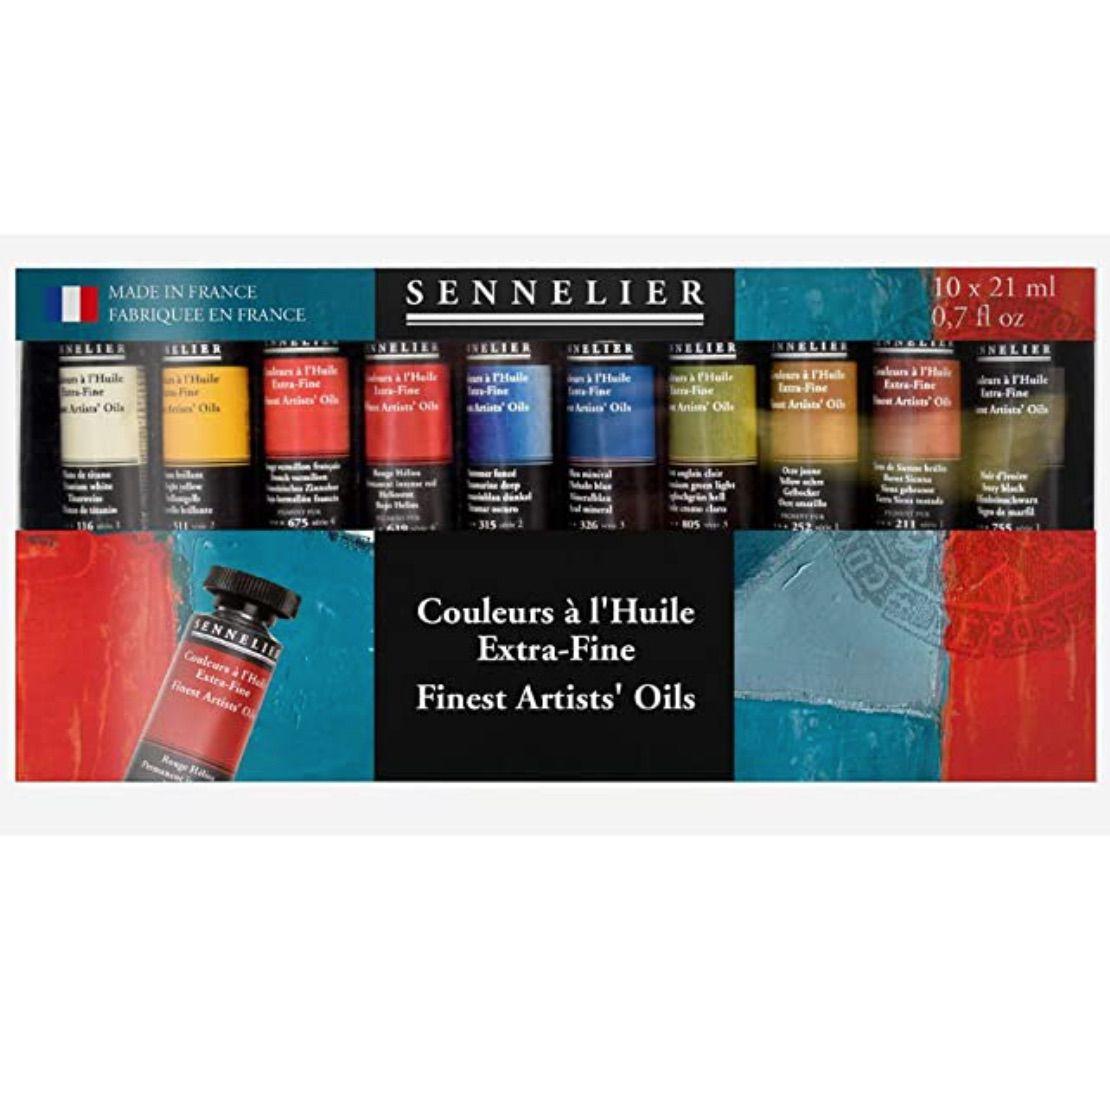 Sennelier Oil Paints